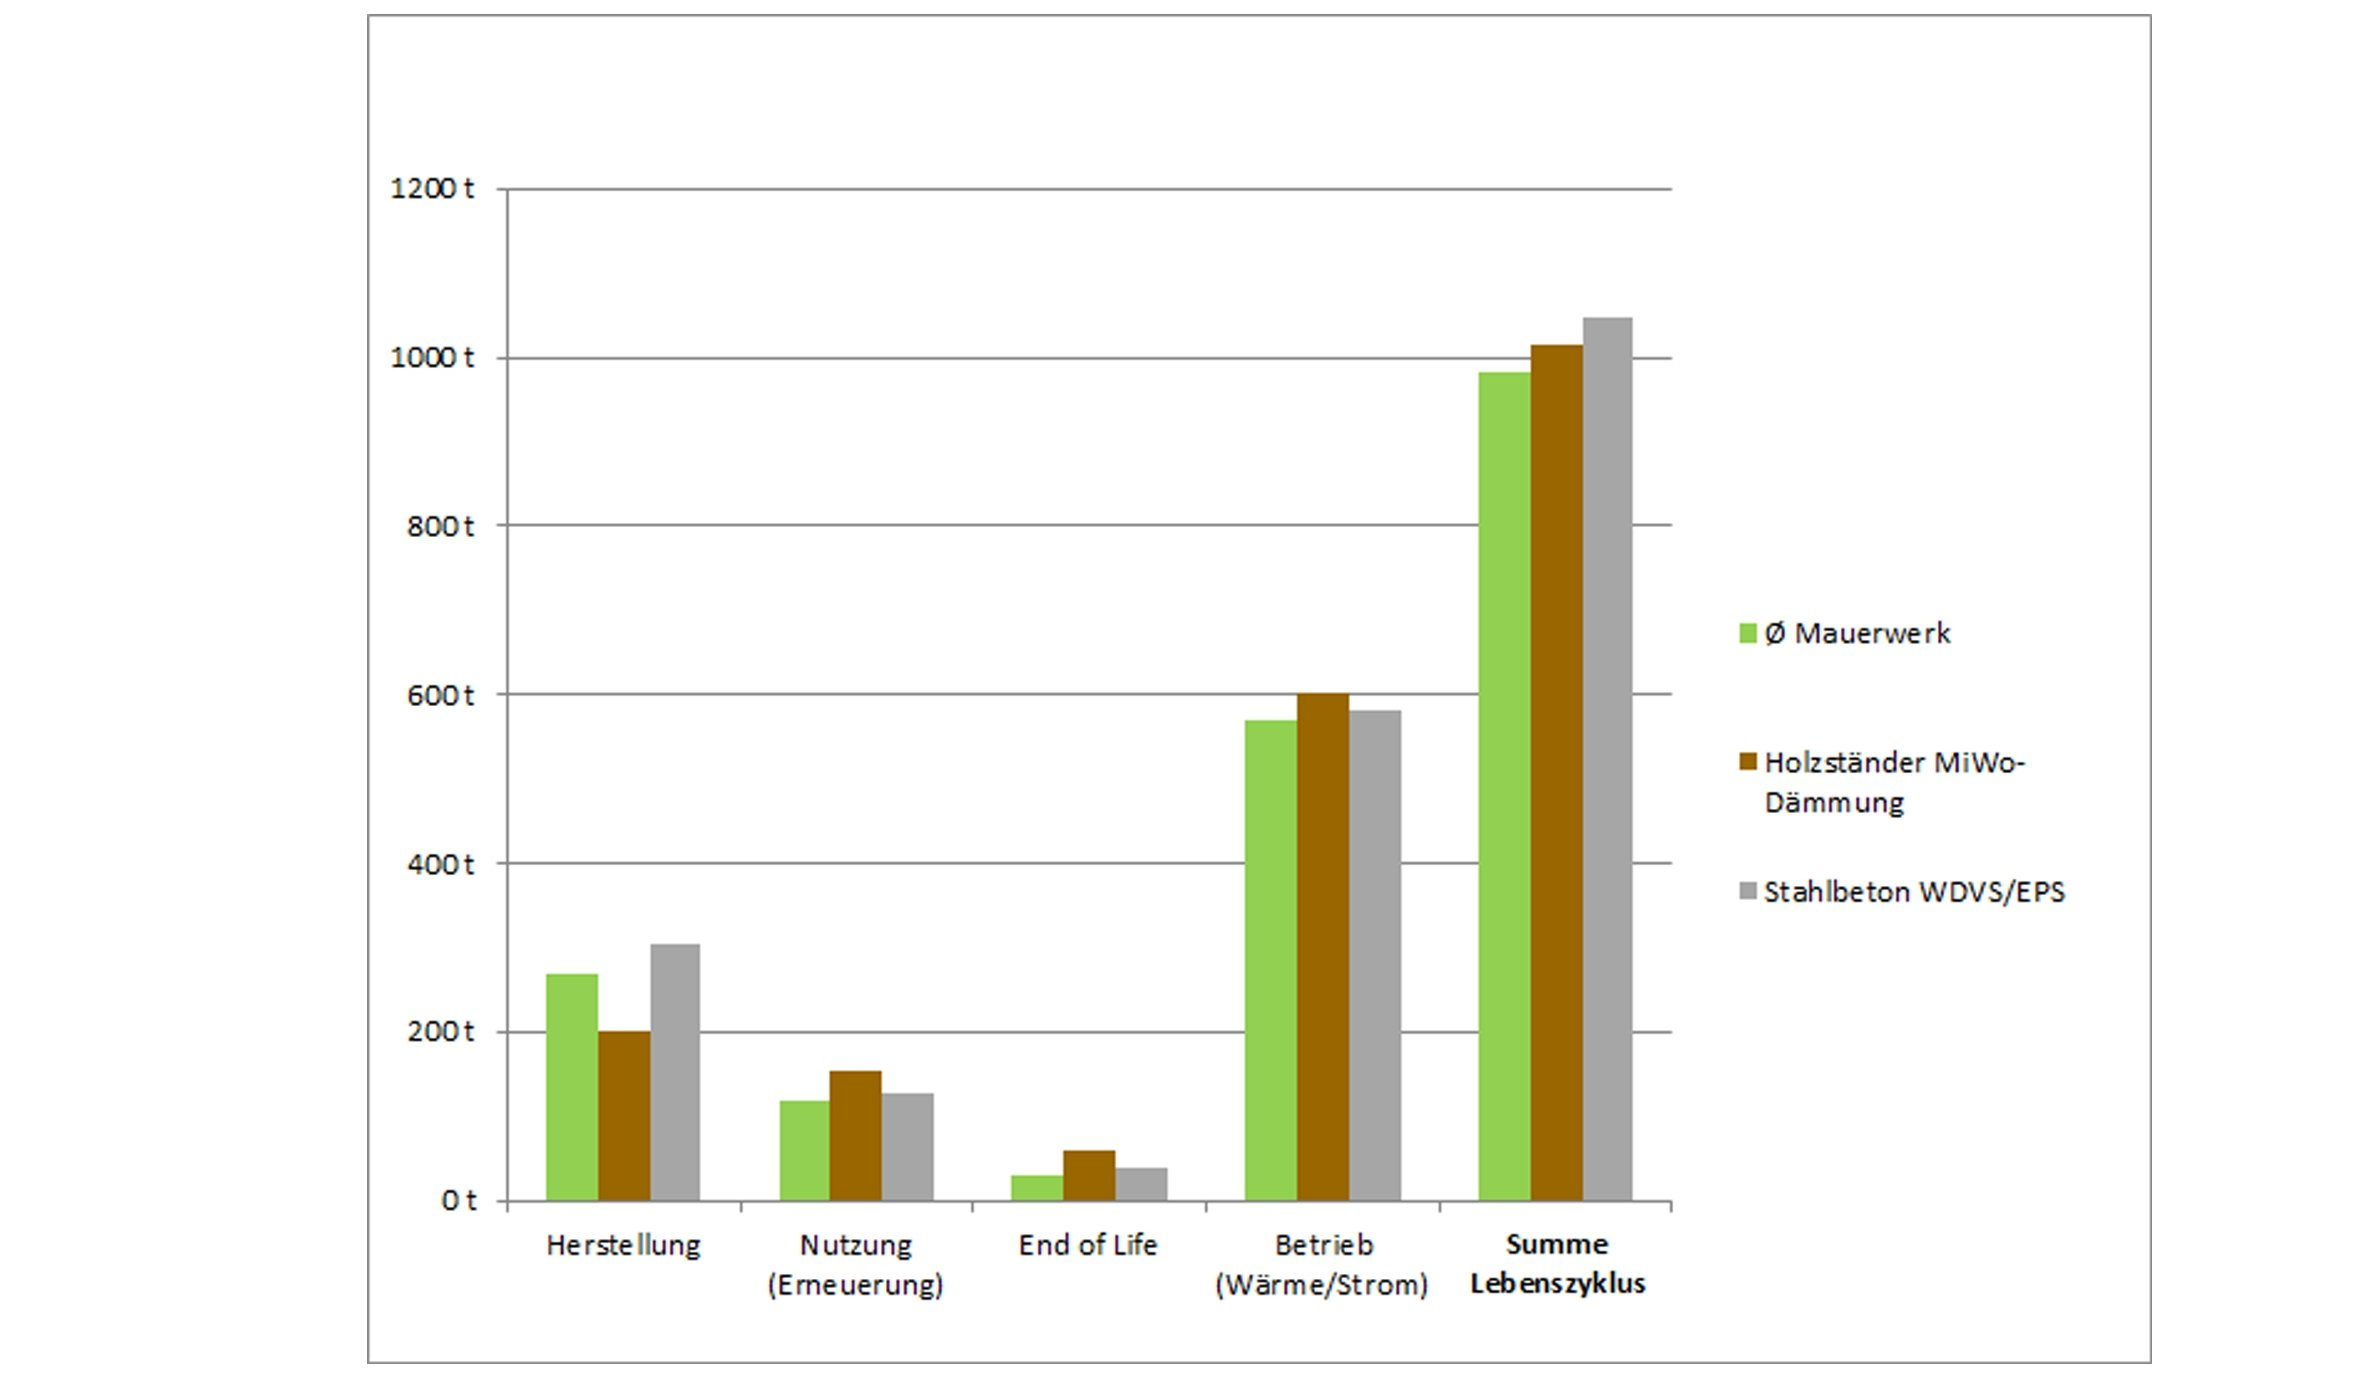 Über den realitätsnahen Zeitraum von 80 Jahren haben Mauerwerkskonstruktionen die beste CO2-Bilanz. Entscheidend dafür ist die Wärmespeicherfä-higkeit von Mauerwerk. Bild: LCEE